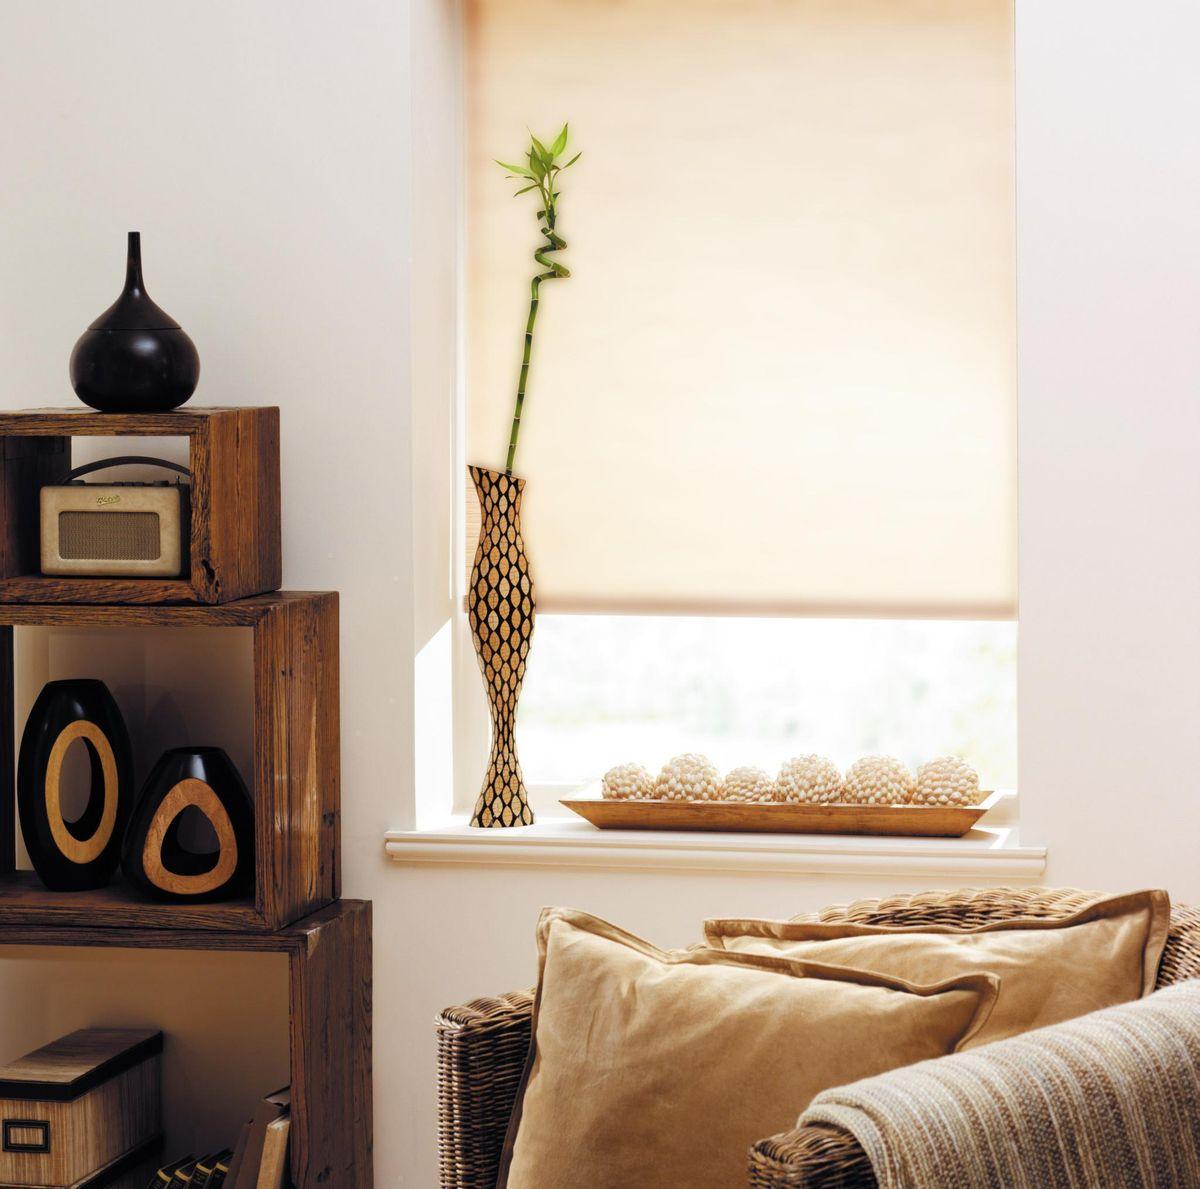 Штора рулонная Эскар, цвет: бежевый лен, ширина 160 см, высота 170 см80409160170Рулонными шторами можно оформлять окна как самостоятельно, так и использовать в комбинации с портьерами. Это поможет предотвратить выгорание дорогой ткани на солнце и соединит функционал рулонных с красотой навесных.Преимущества применения рулонных штор для пластиковых окон:- имеют прекрасный внешний вид: многообразие и фактурность материала изделия отлично смотрятся в любом интерьере; - многофункциональны: есть возможность подобрать шторы способные эффективно защитить комнату от солнца, при этом о на не будет слишком темной. - Есть возможность осуществить быстрый монтаж. ВНИМАНИЕ! Размеры ширины изделия указаны по ширине ткани!Во время эксплуатации не рекомендуется полностью разматывать рулон, чтобы не оторвать ткань от намоточного вала.В случае загрязнения поверхности ткани, чистку шторы проводят одним из способов, в зависимости от типа загрязнения: легкое поверхностное загрязнение можно удалить при помощи канцелярского ластика; чистка от пыли производится сухим методом при помощи пылесоса с мягкой щеткой-насадкой; для удаления пятна используйте мягкую губку с пенообразующим неагрессивным моющим средством или пятновыводитель на натуральной основе (нельзя применять растворители).